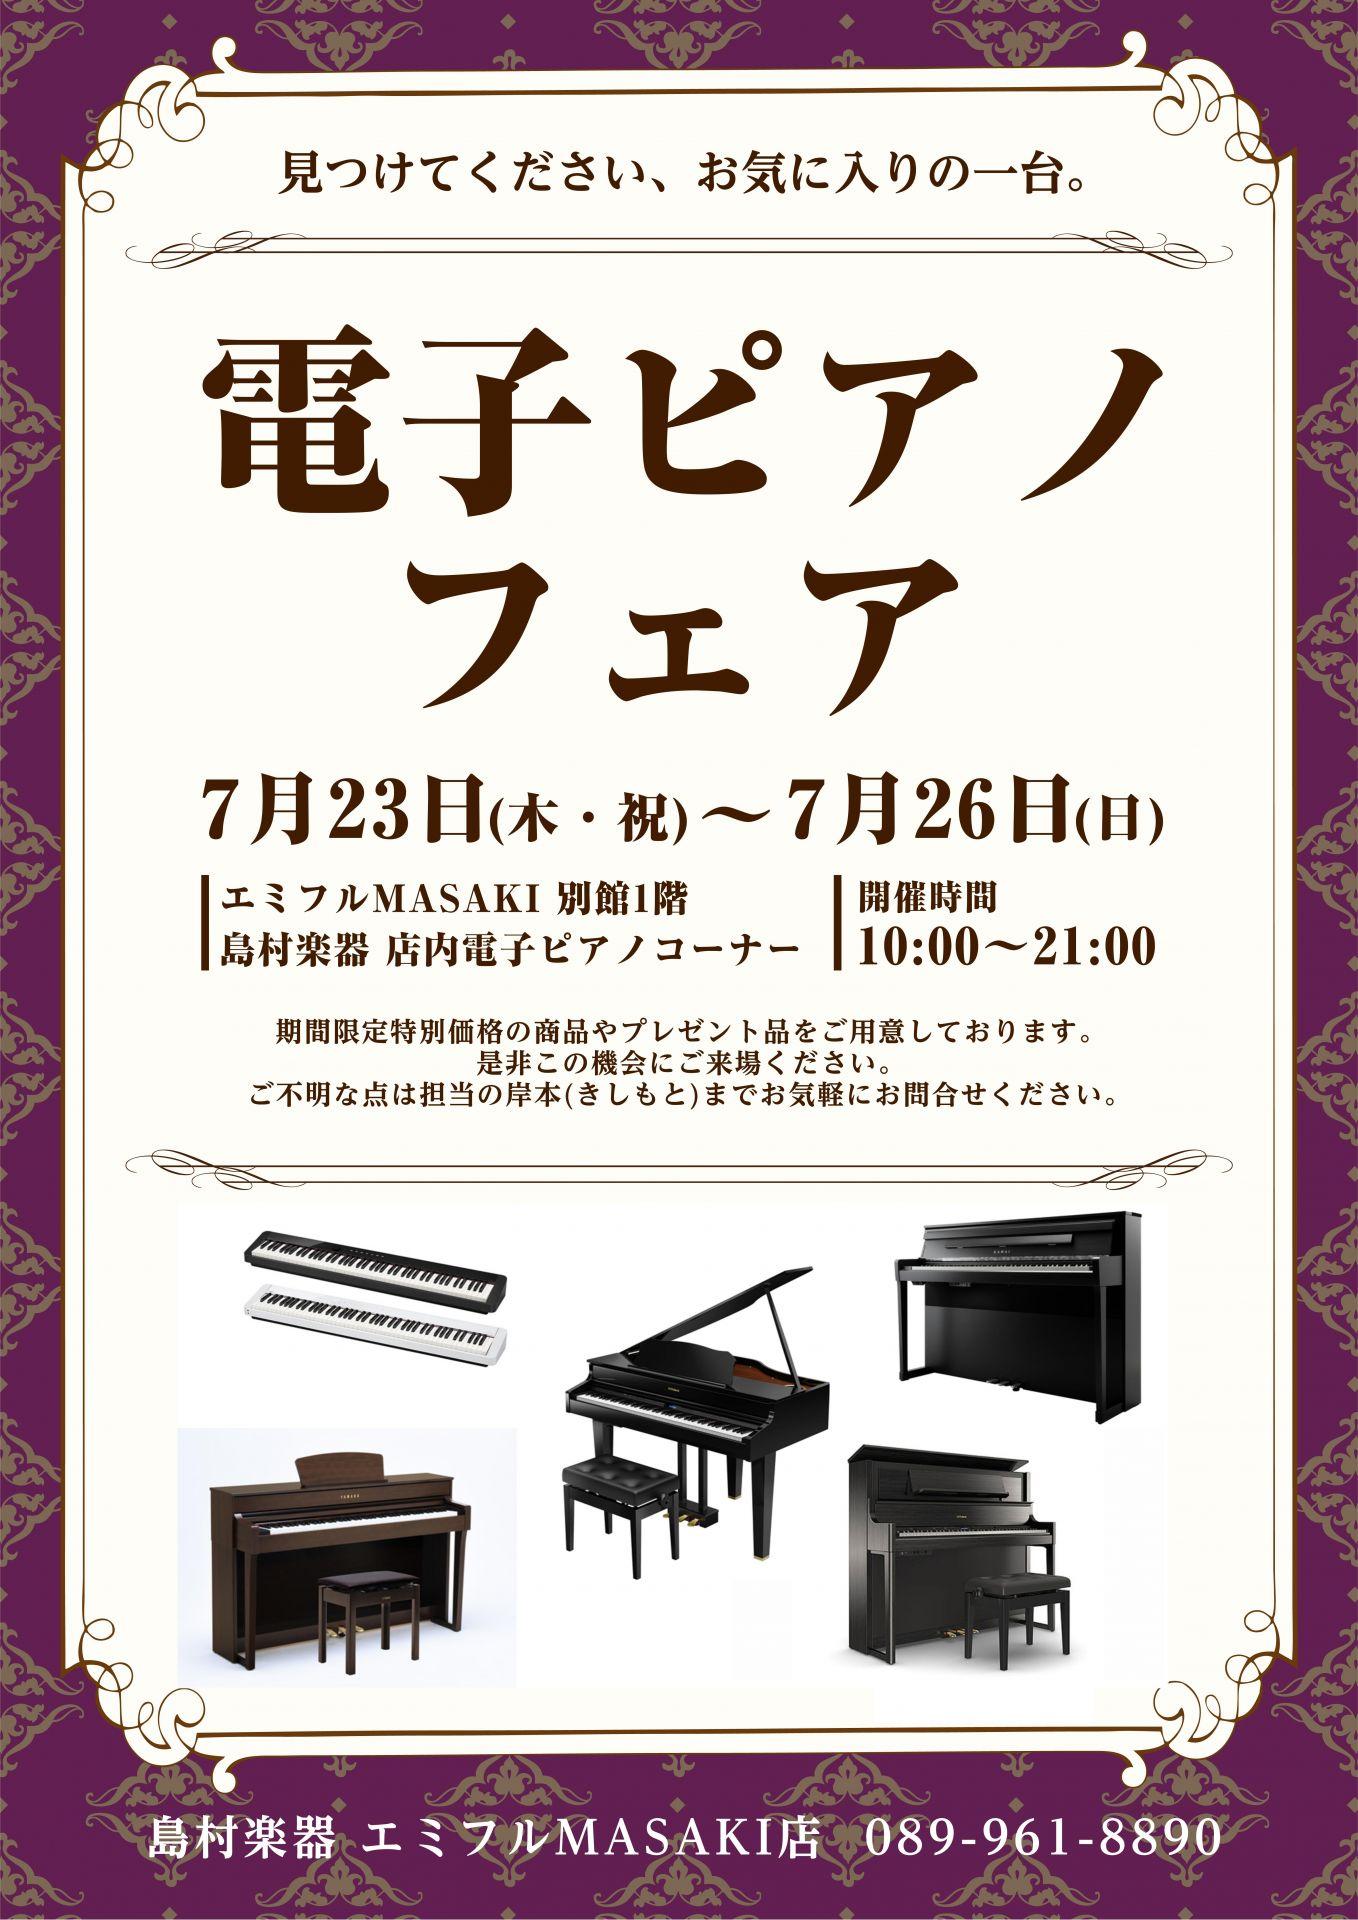 電子ピアノフェア